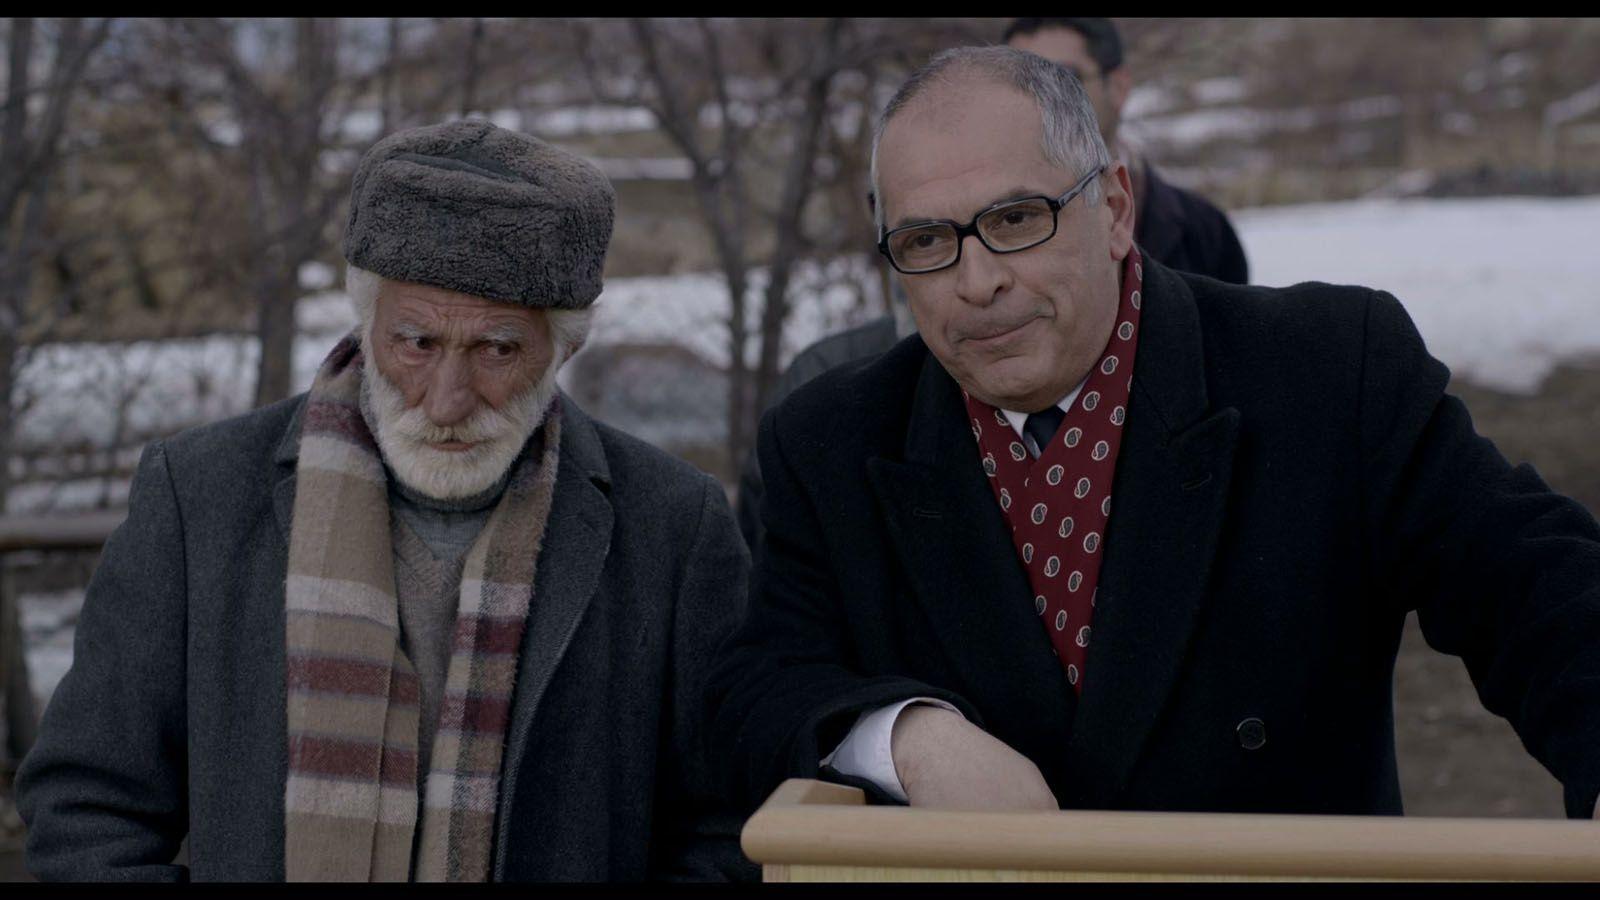 Moskvitch mon amour (BANDE-ANNONCE) de Aram Shahbazyan - Le 23 janvier 2019 au cinéma